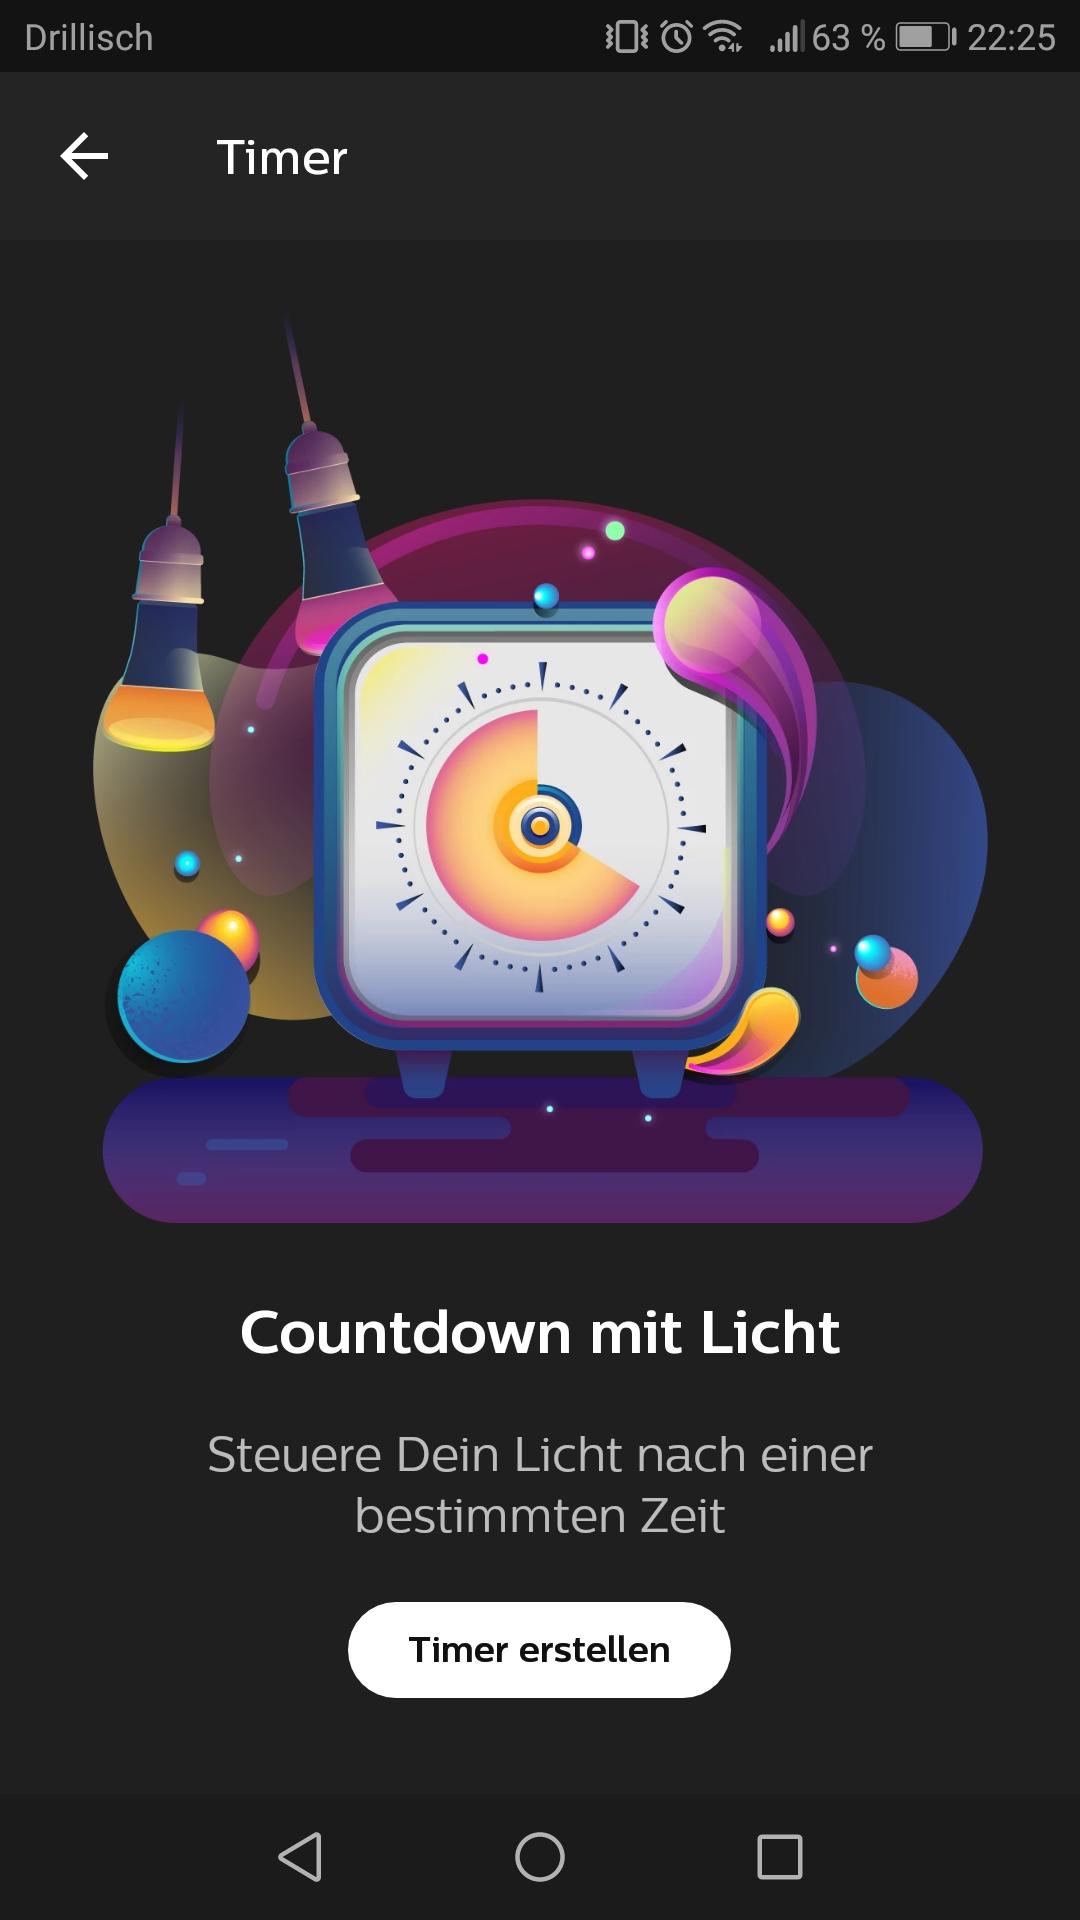 Countdown mit Licht